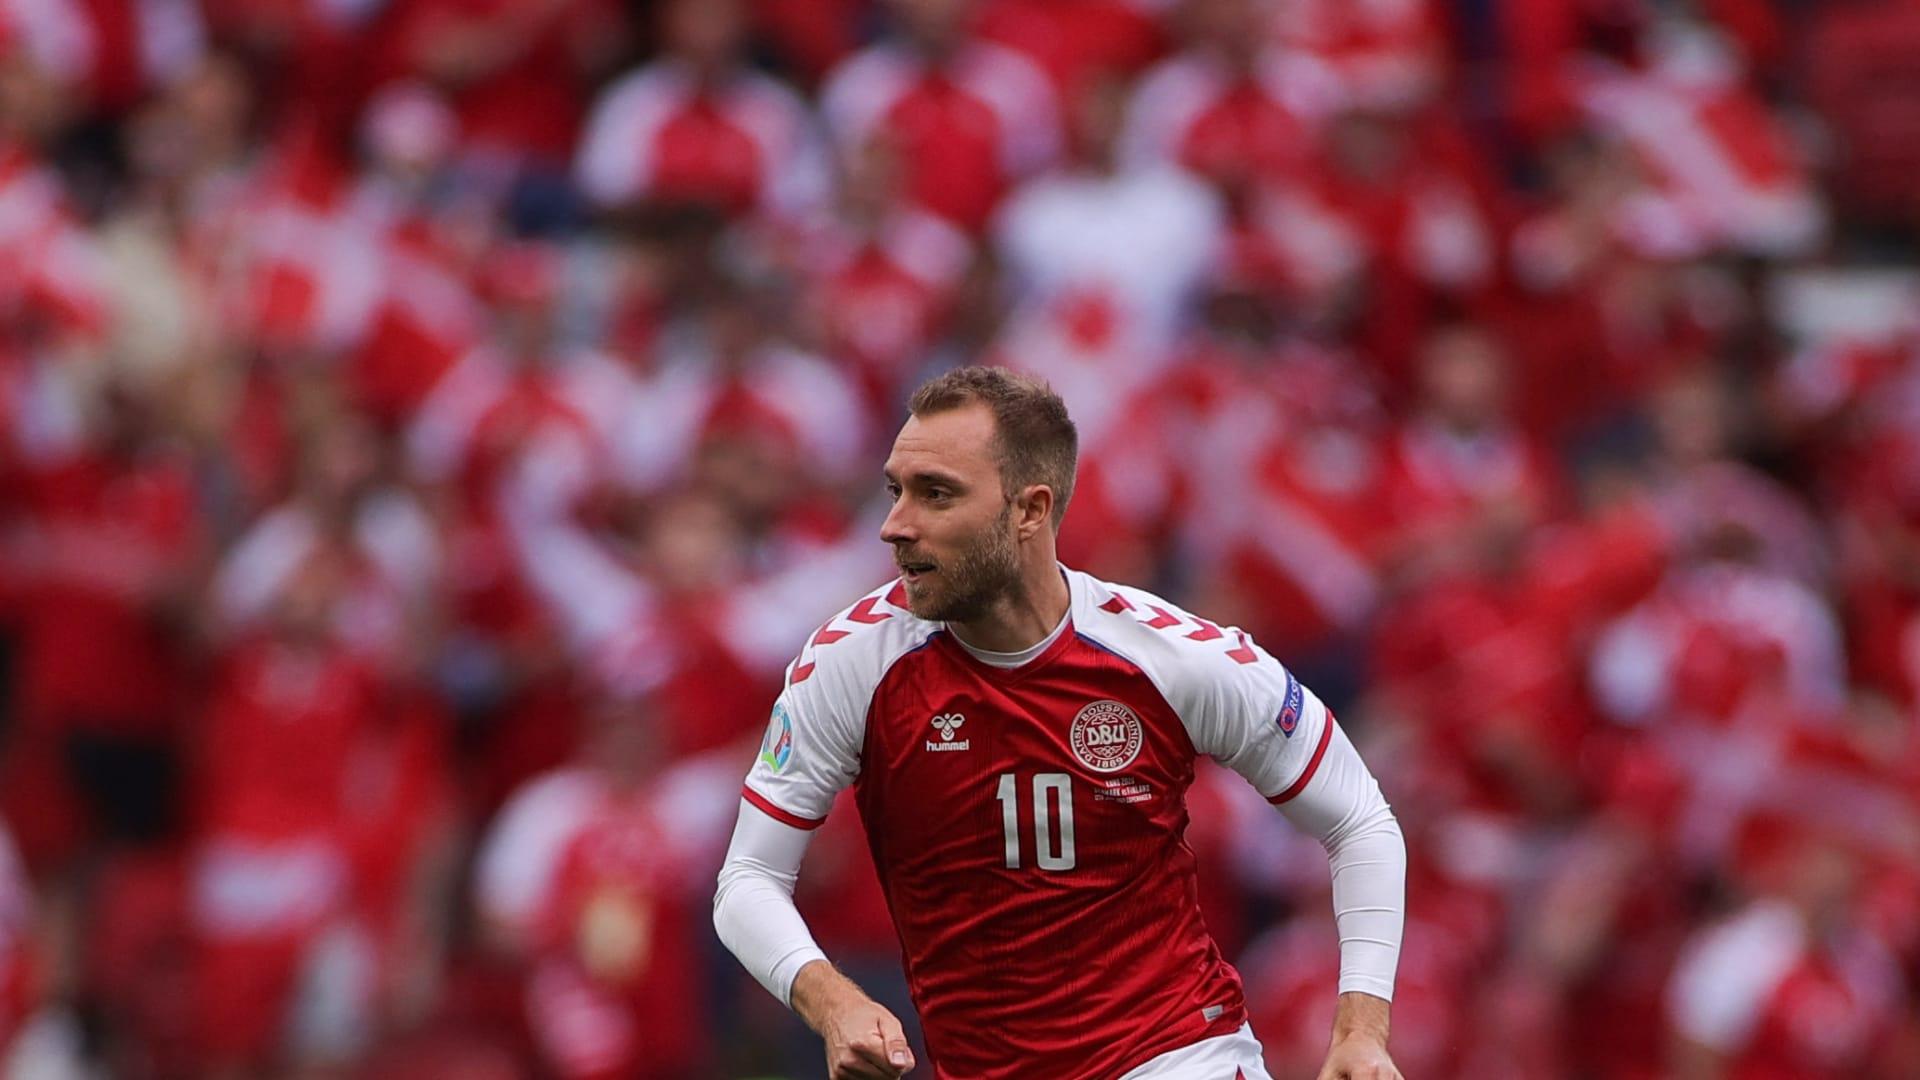 شاهد.. بكاء وتأثر المشجعين لحظة سقوط إريكسن فجأة خلال مباراة الدنمارك وفنلندا